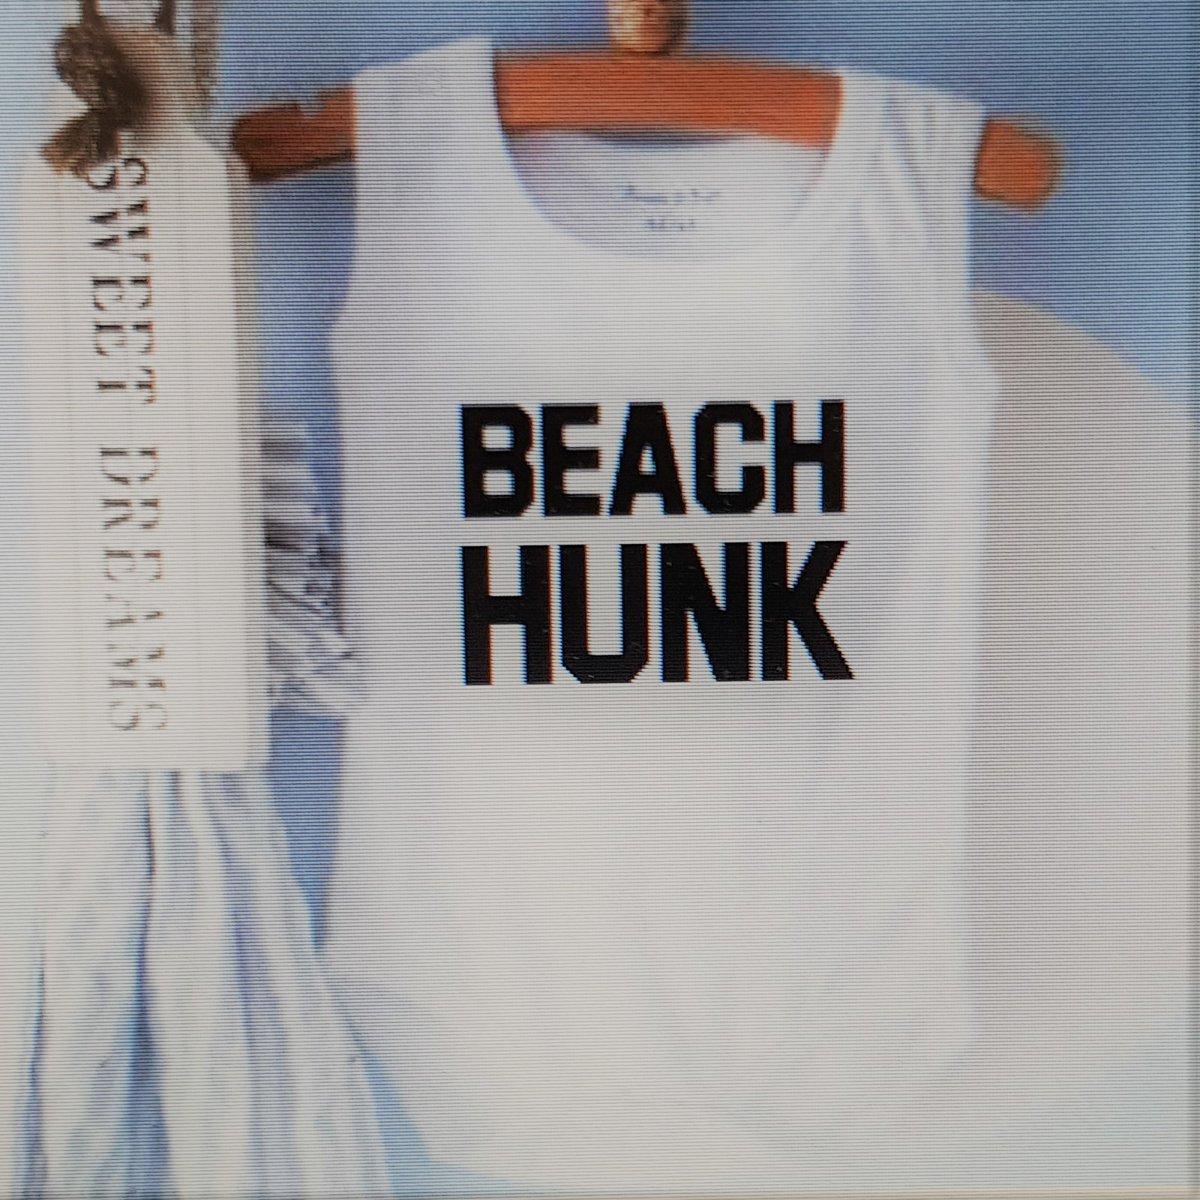 Baby Rompertje Cadeautje Zwangerschap Aankondiging Tekst Jongen Beach Hunk Korte Mouw Mouwloos Wit Zwart Maat 6268 Geboorte Kraamcadeau